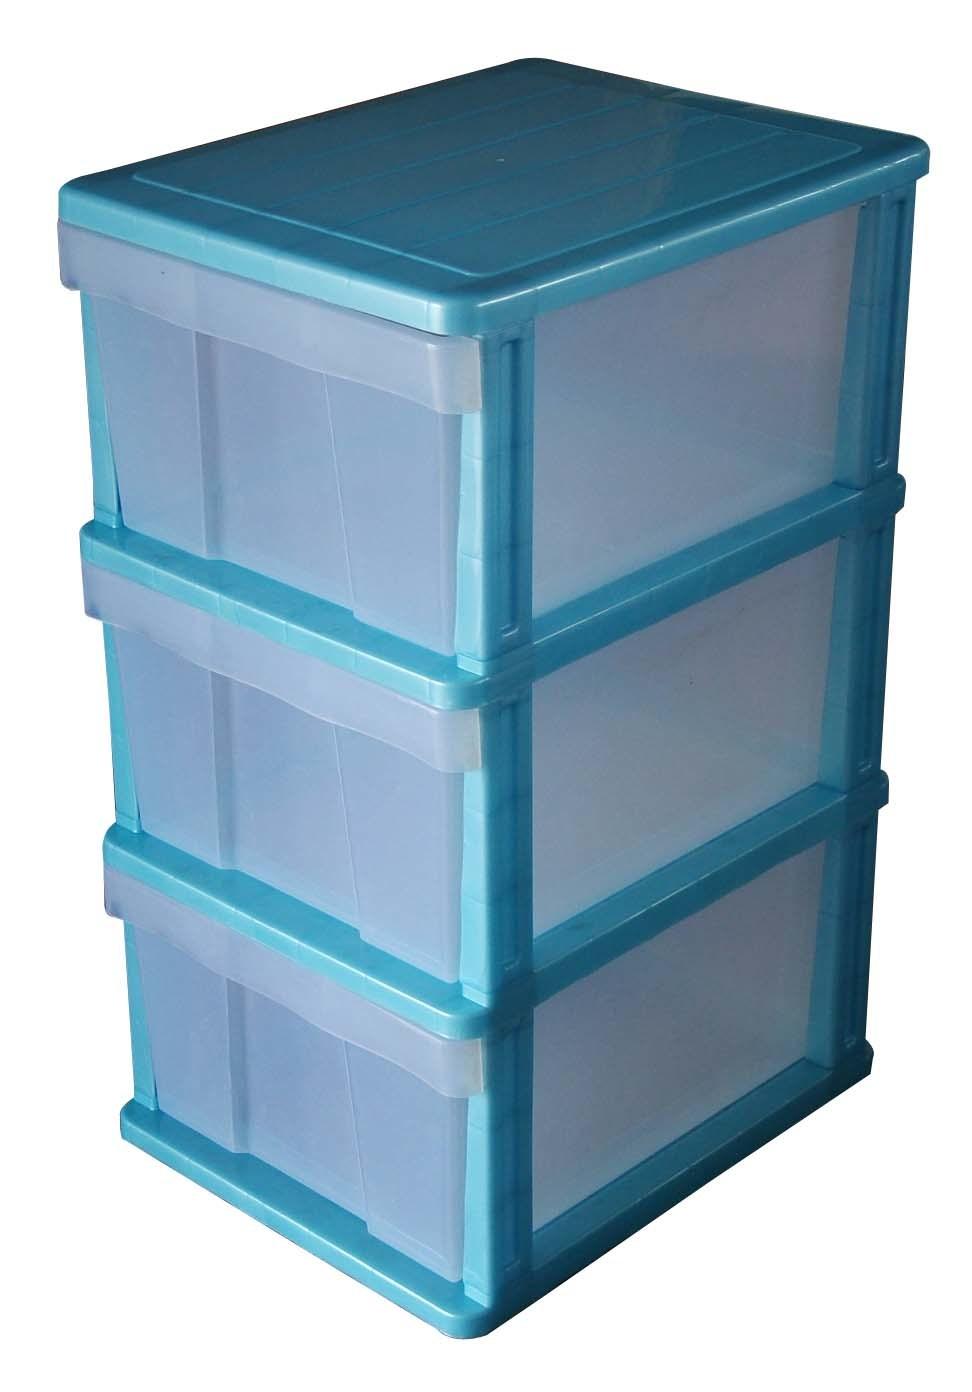 Gabinetes pl sticos para el almacenaje envase de for Gabinete de pared 10 ru